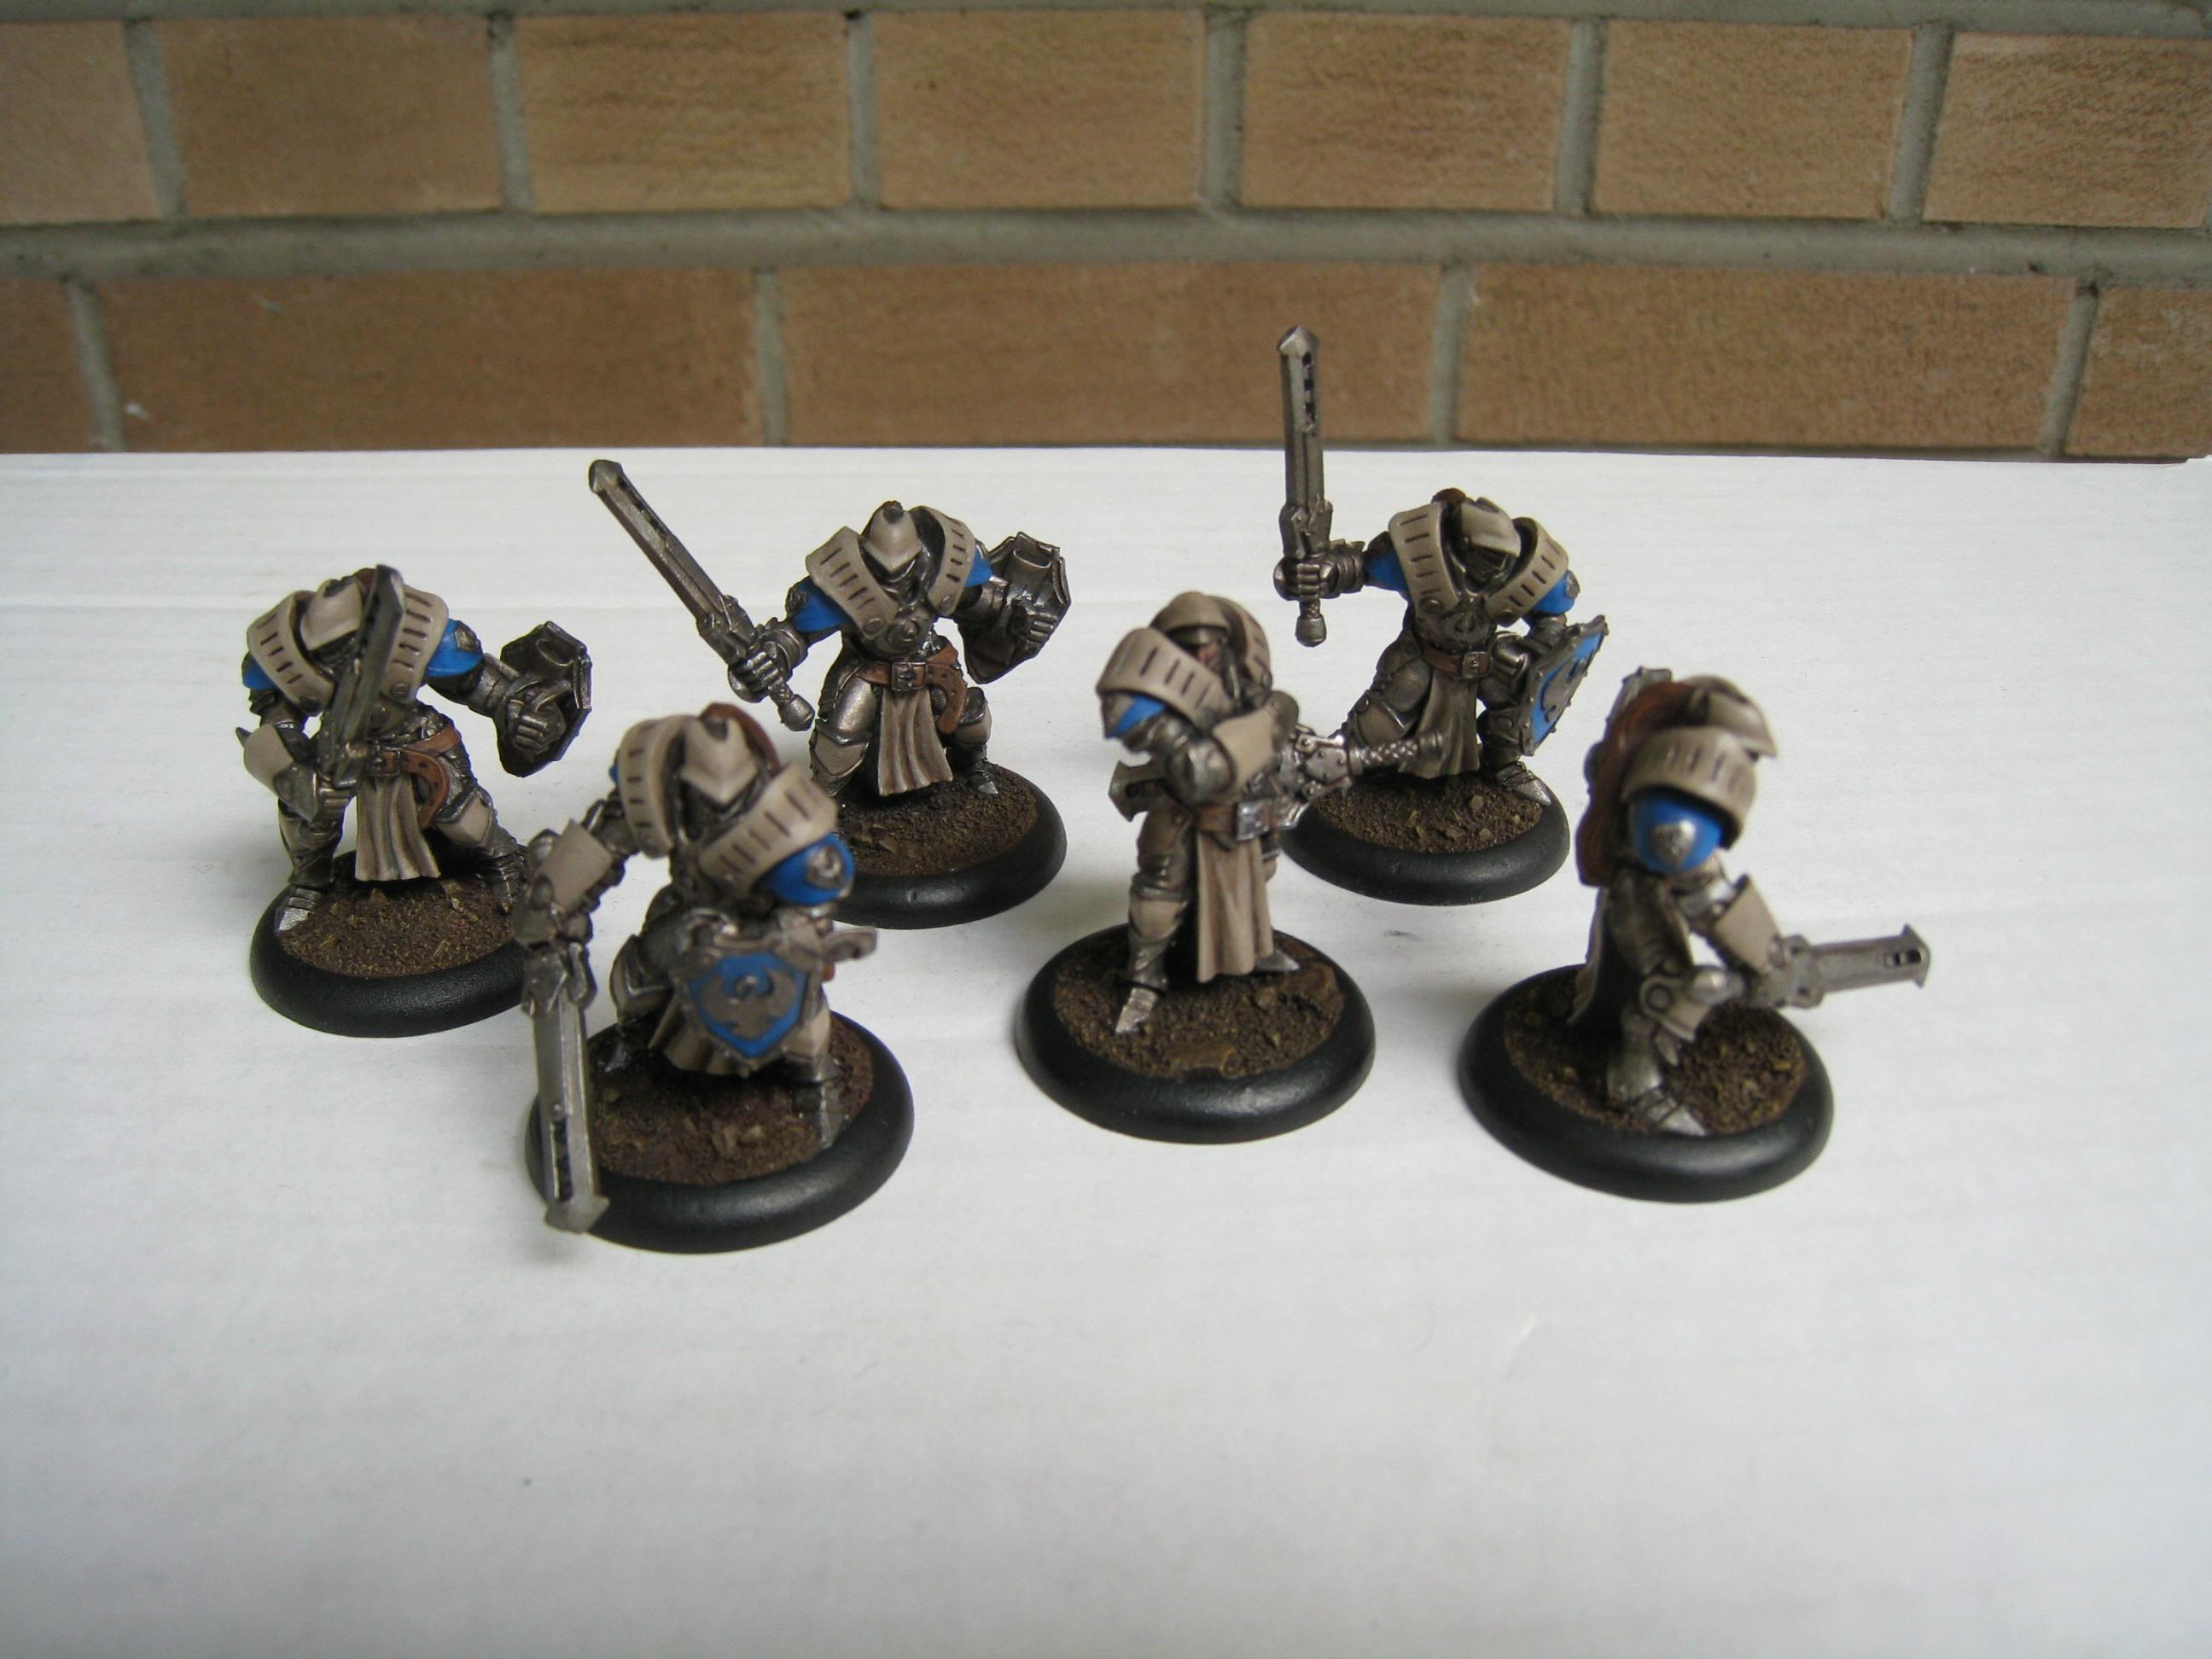 Cygnar, Sword Knight, Unit, Warmachine